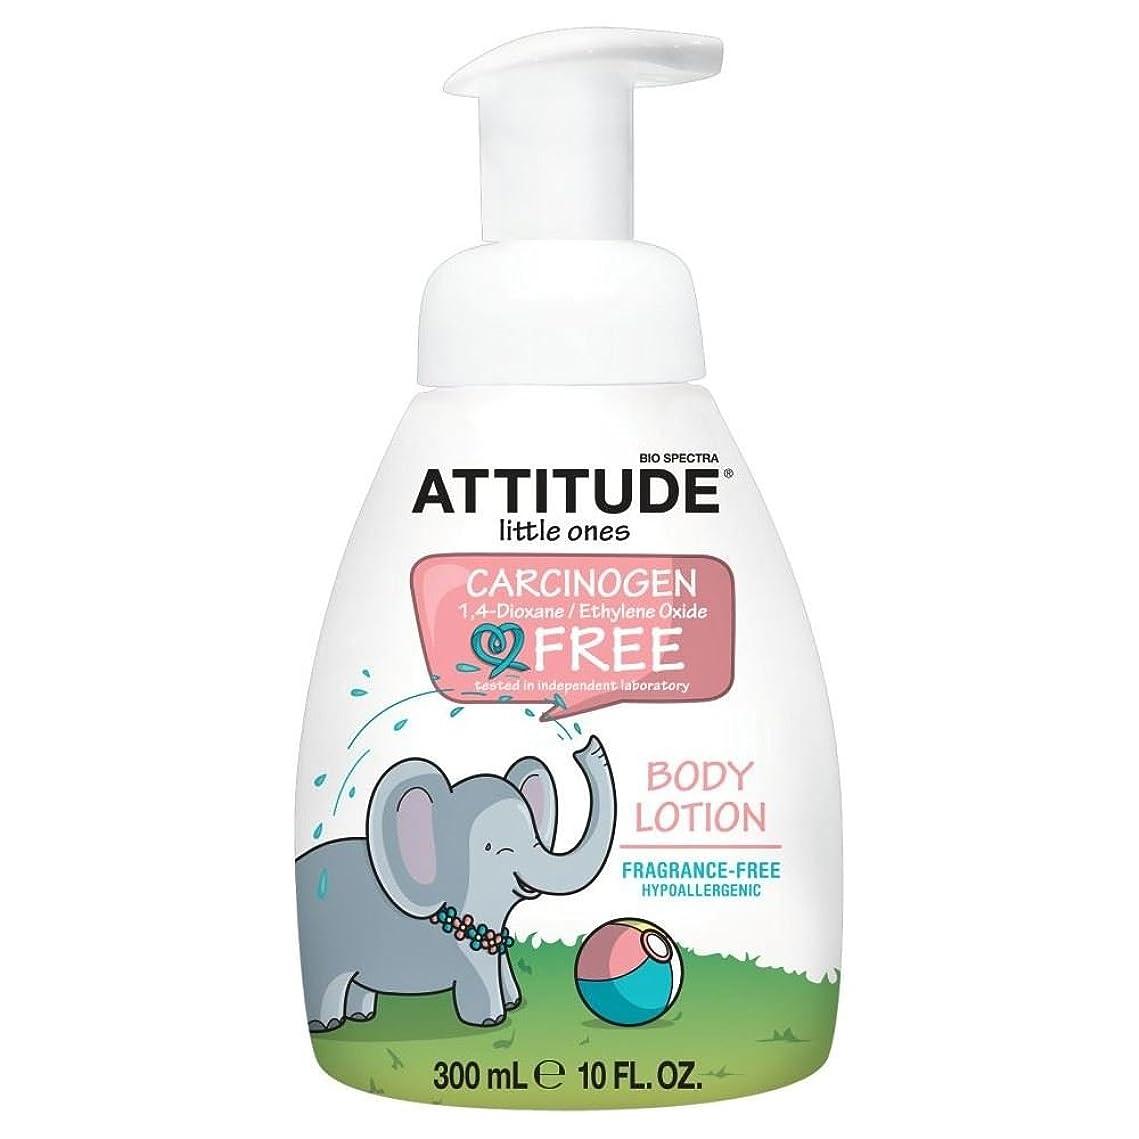 説明流産サバントAttitude Little Ones Body Lotion - Fragrance Free (295ml) 態度の小さなものボディローション - 無香料( 295ミリリットル)